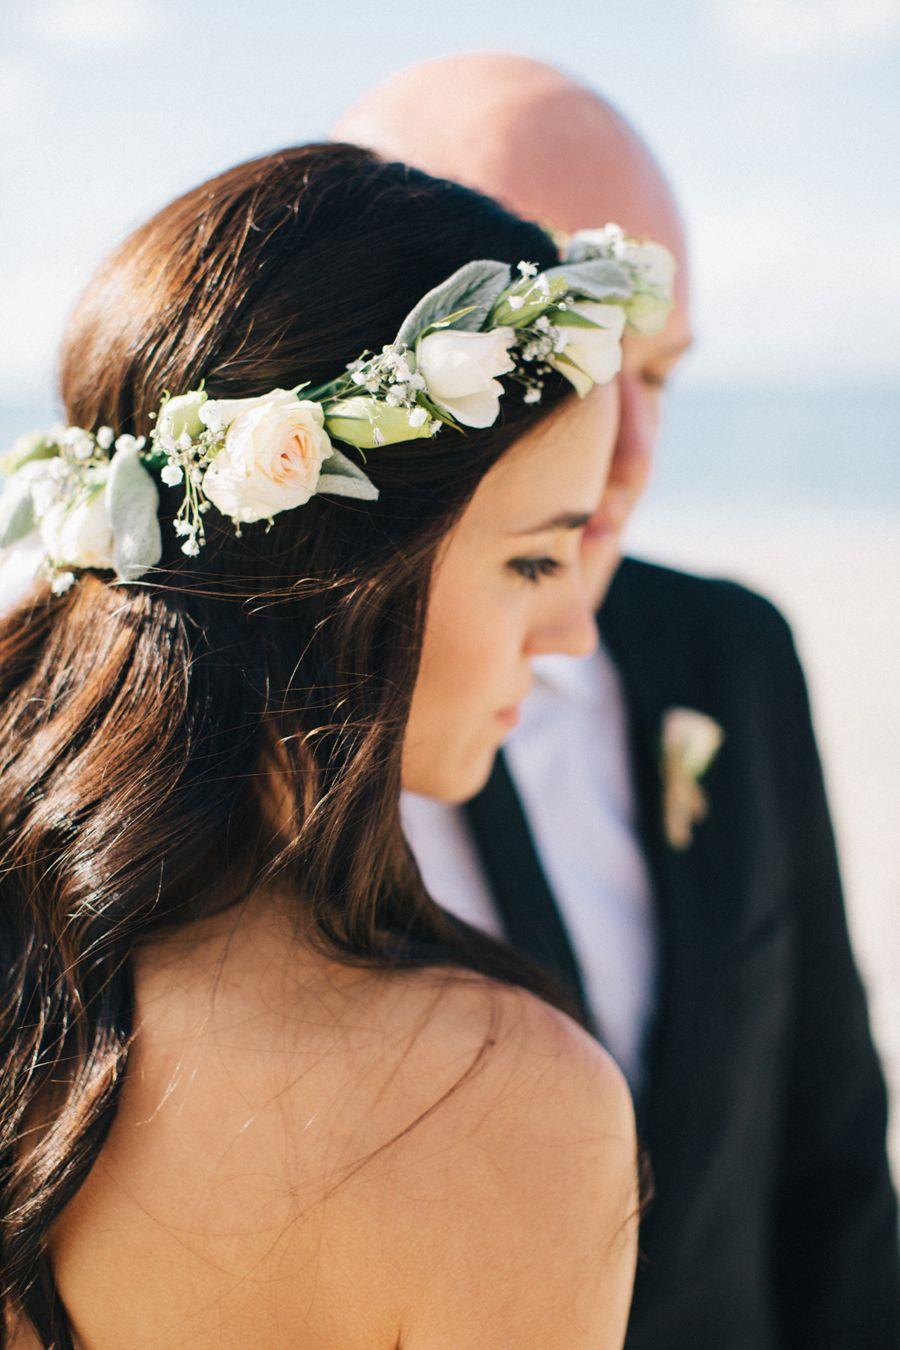 Floral crown with hair down. Wedding crown, Floral crown